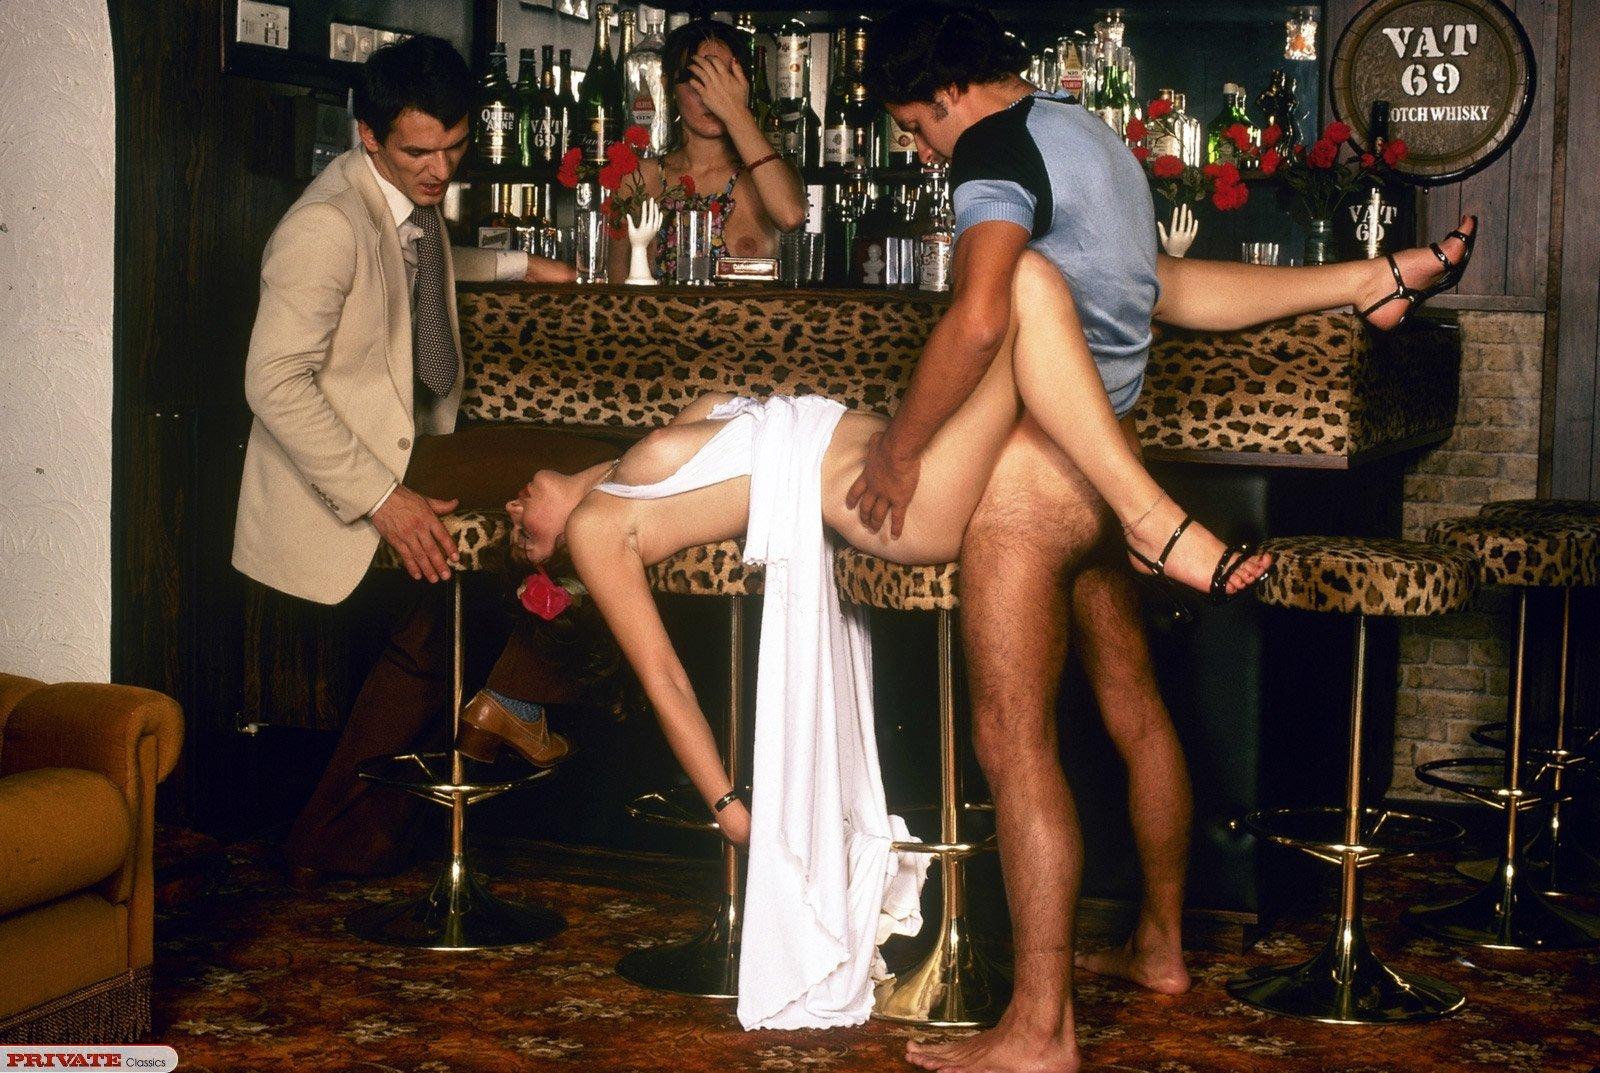 Трах в жопу за барной стойкой, Бармен отодрал девицу перед барной стойкой 12 фотография